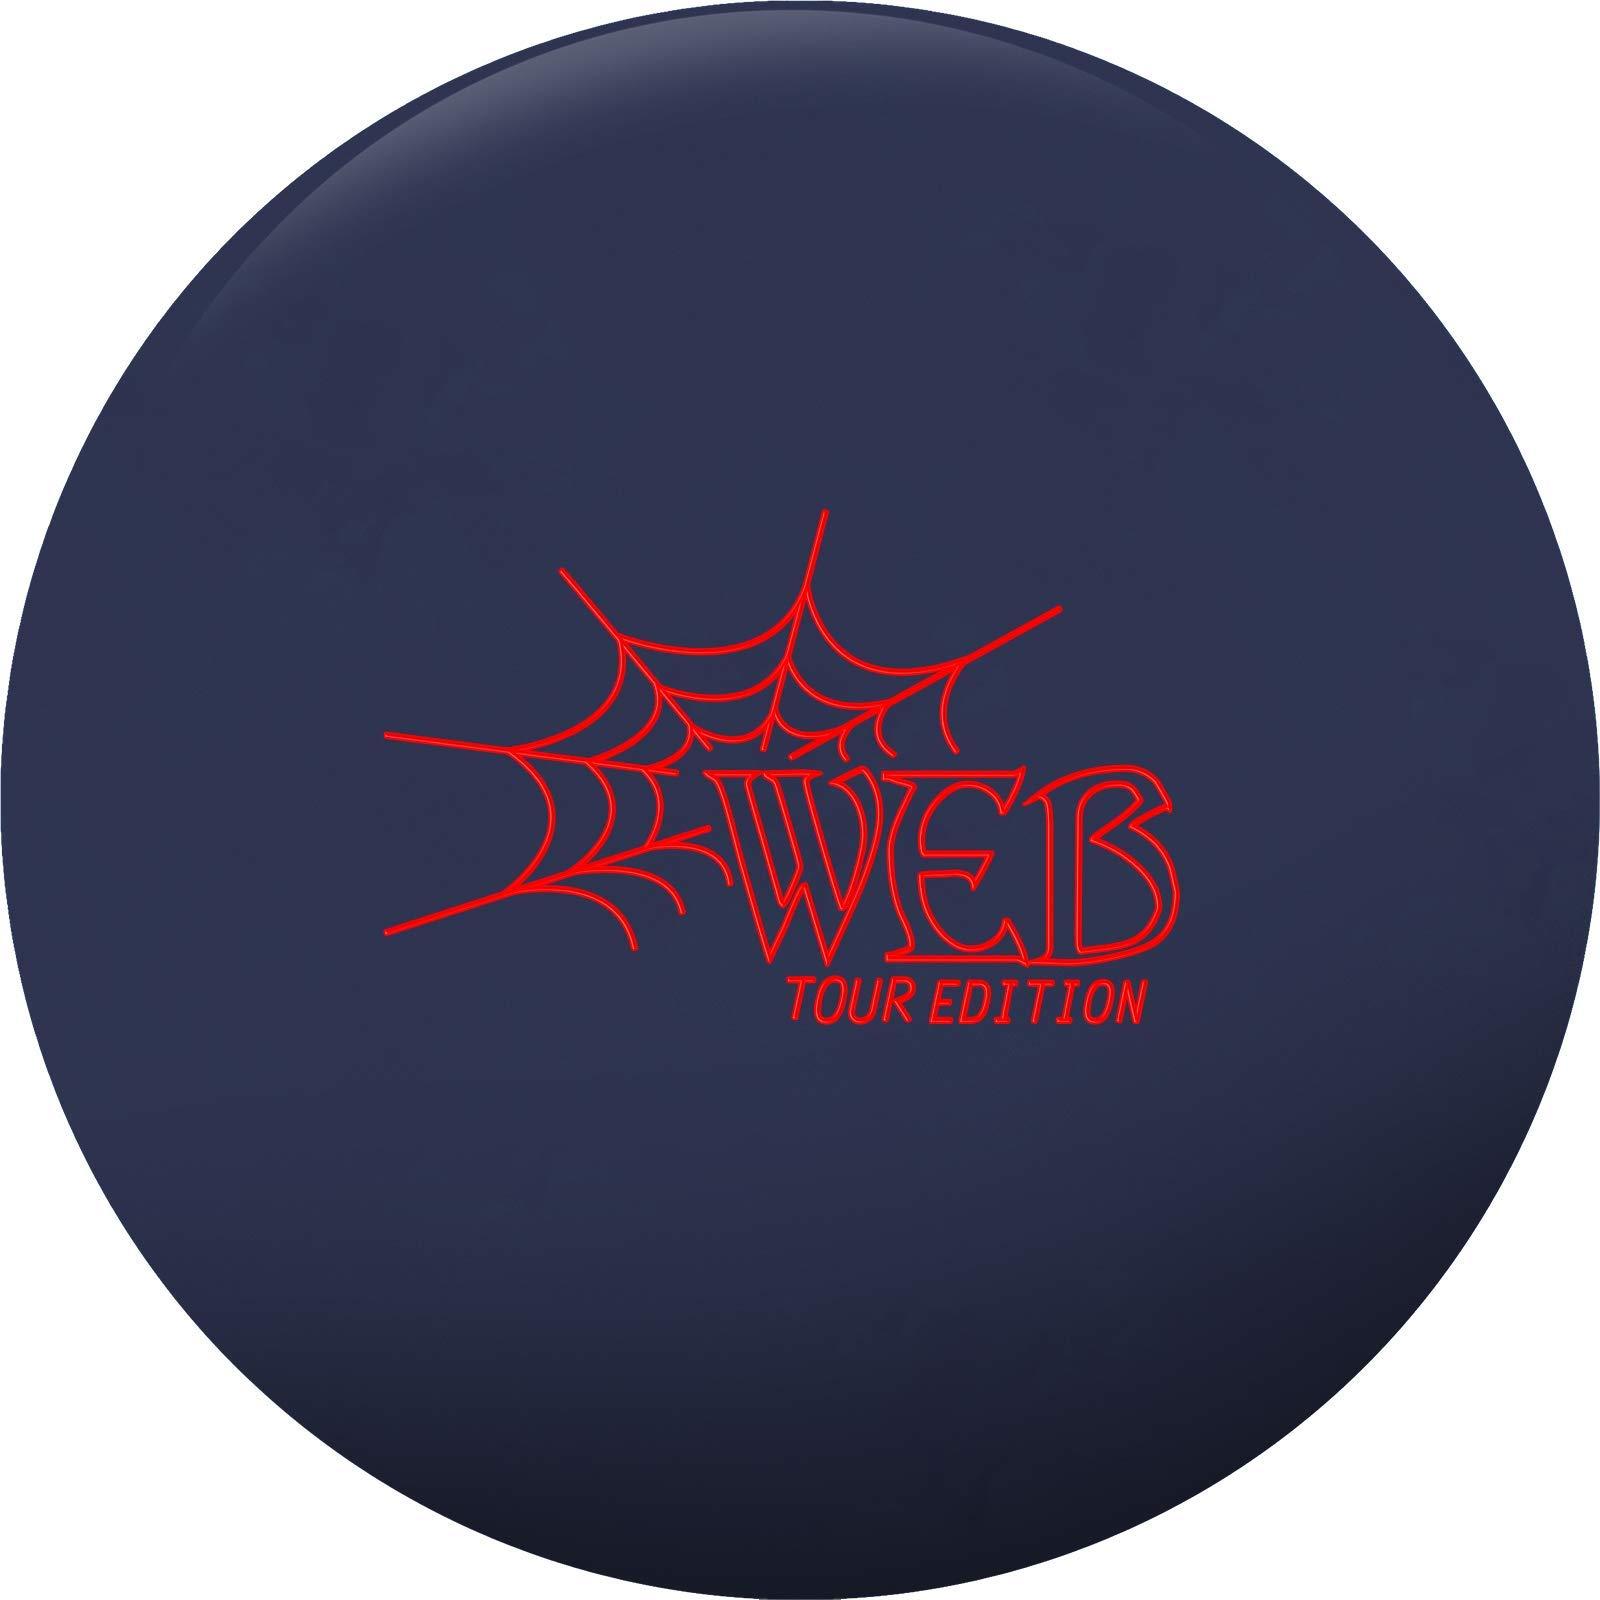 Hammer 029744028378 Web Tour Bowling Ball, Navy Blue, 12